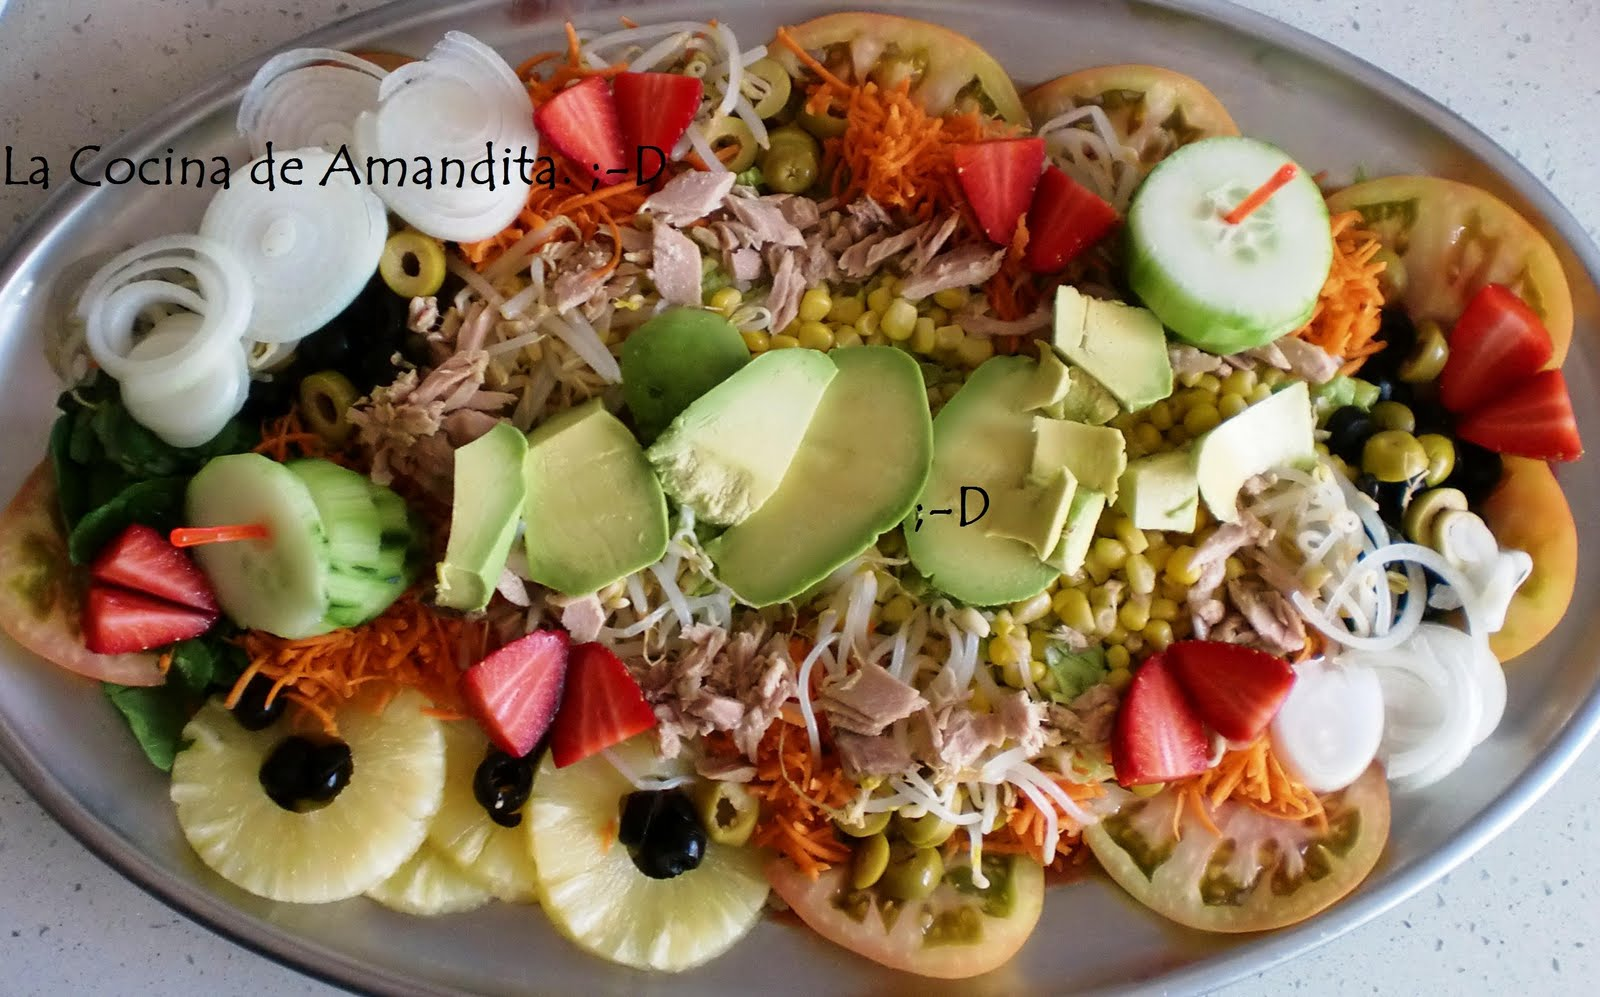 La cocina de amandita d una ensalada para cristina for Cocina 5 ingredientes jamie